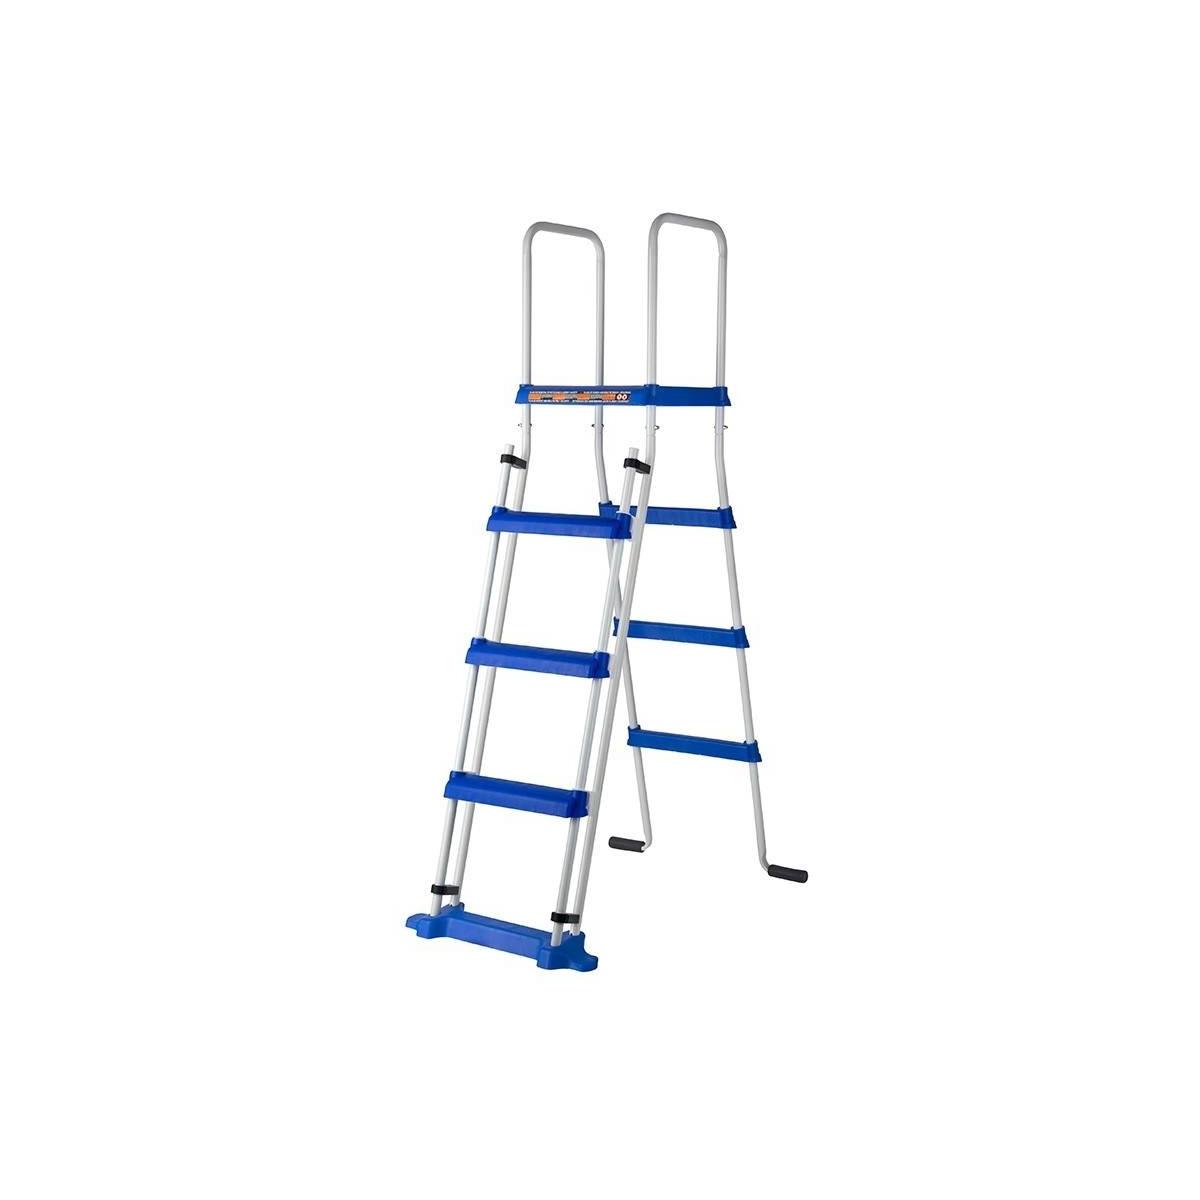 Escalera de seguridad con plataforma Gre 134 cm 2x3 peldaños ES1150